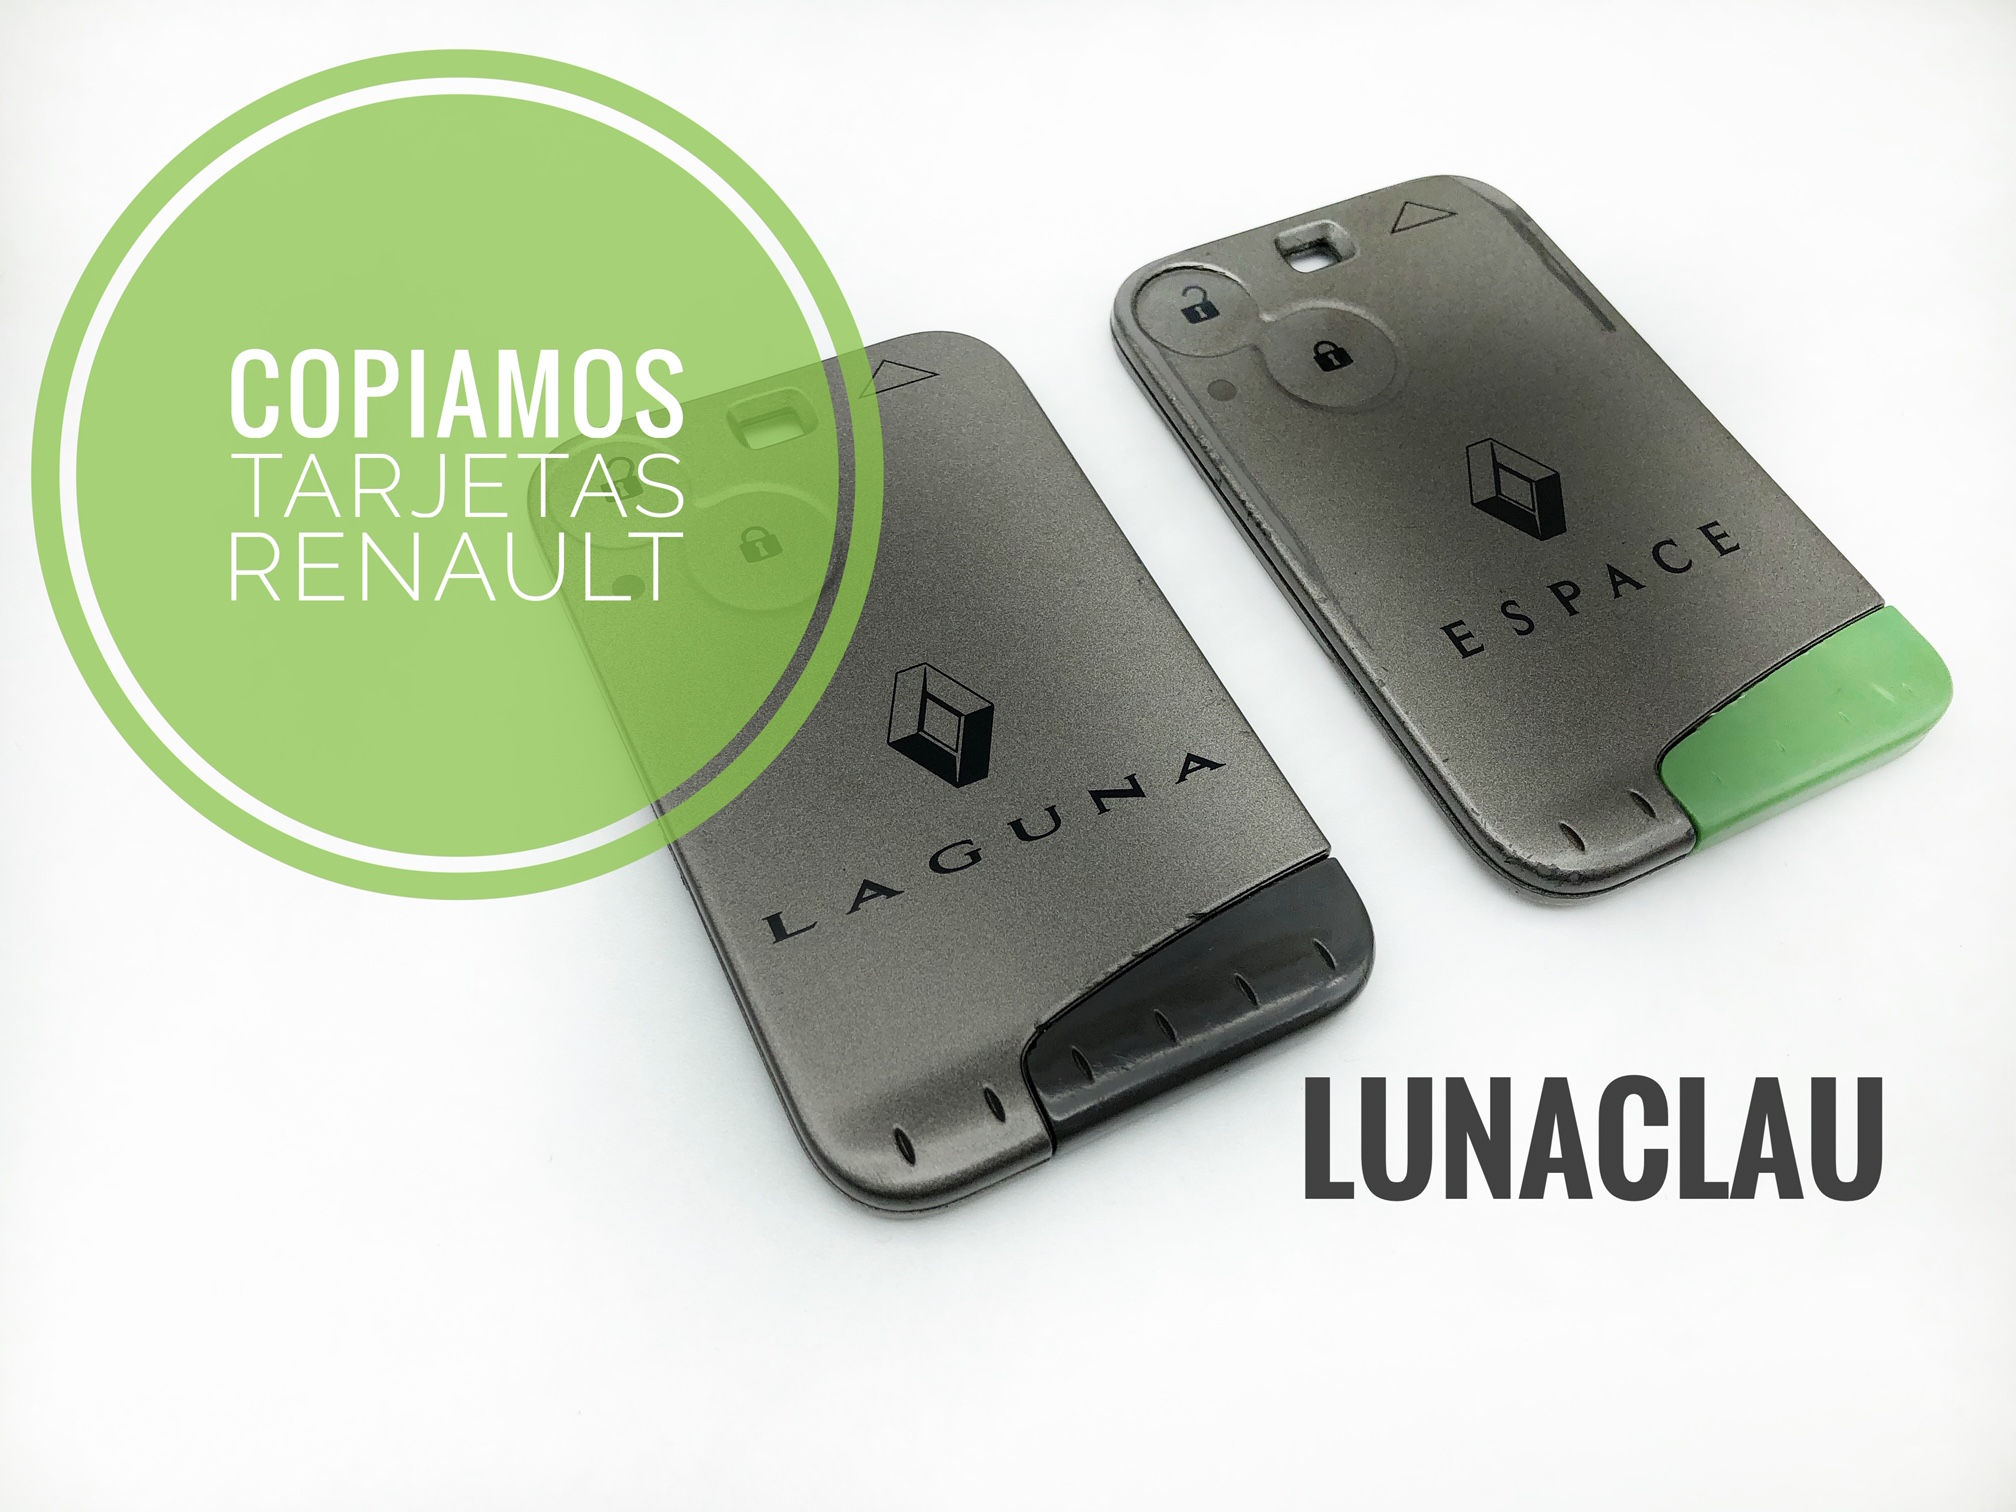 Duplicado de trajetas Renault